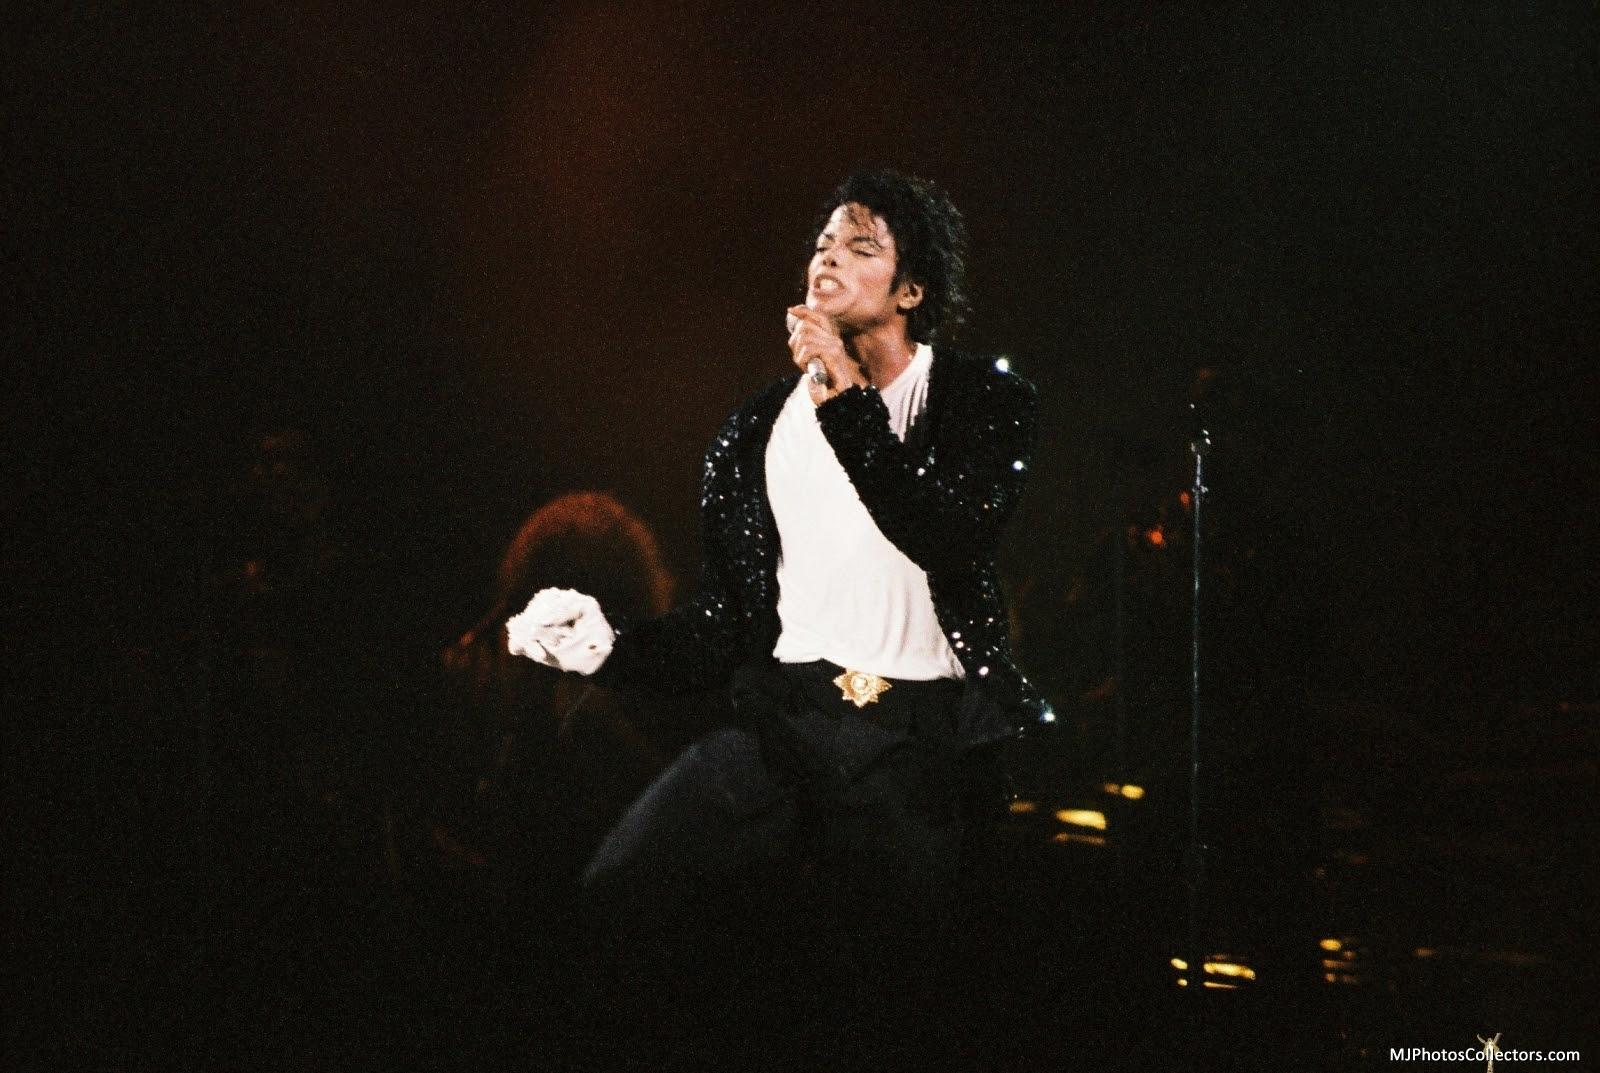 Bad Tour Billie Jean Michael Jackson Photo 13443781 Fanpop